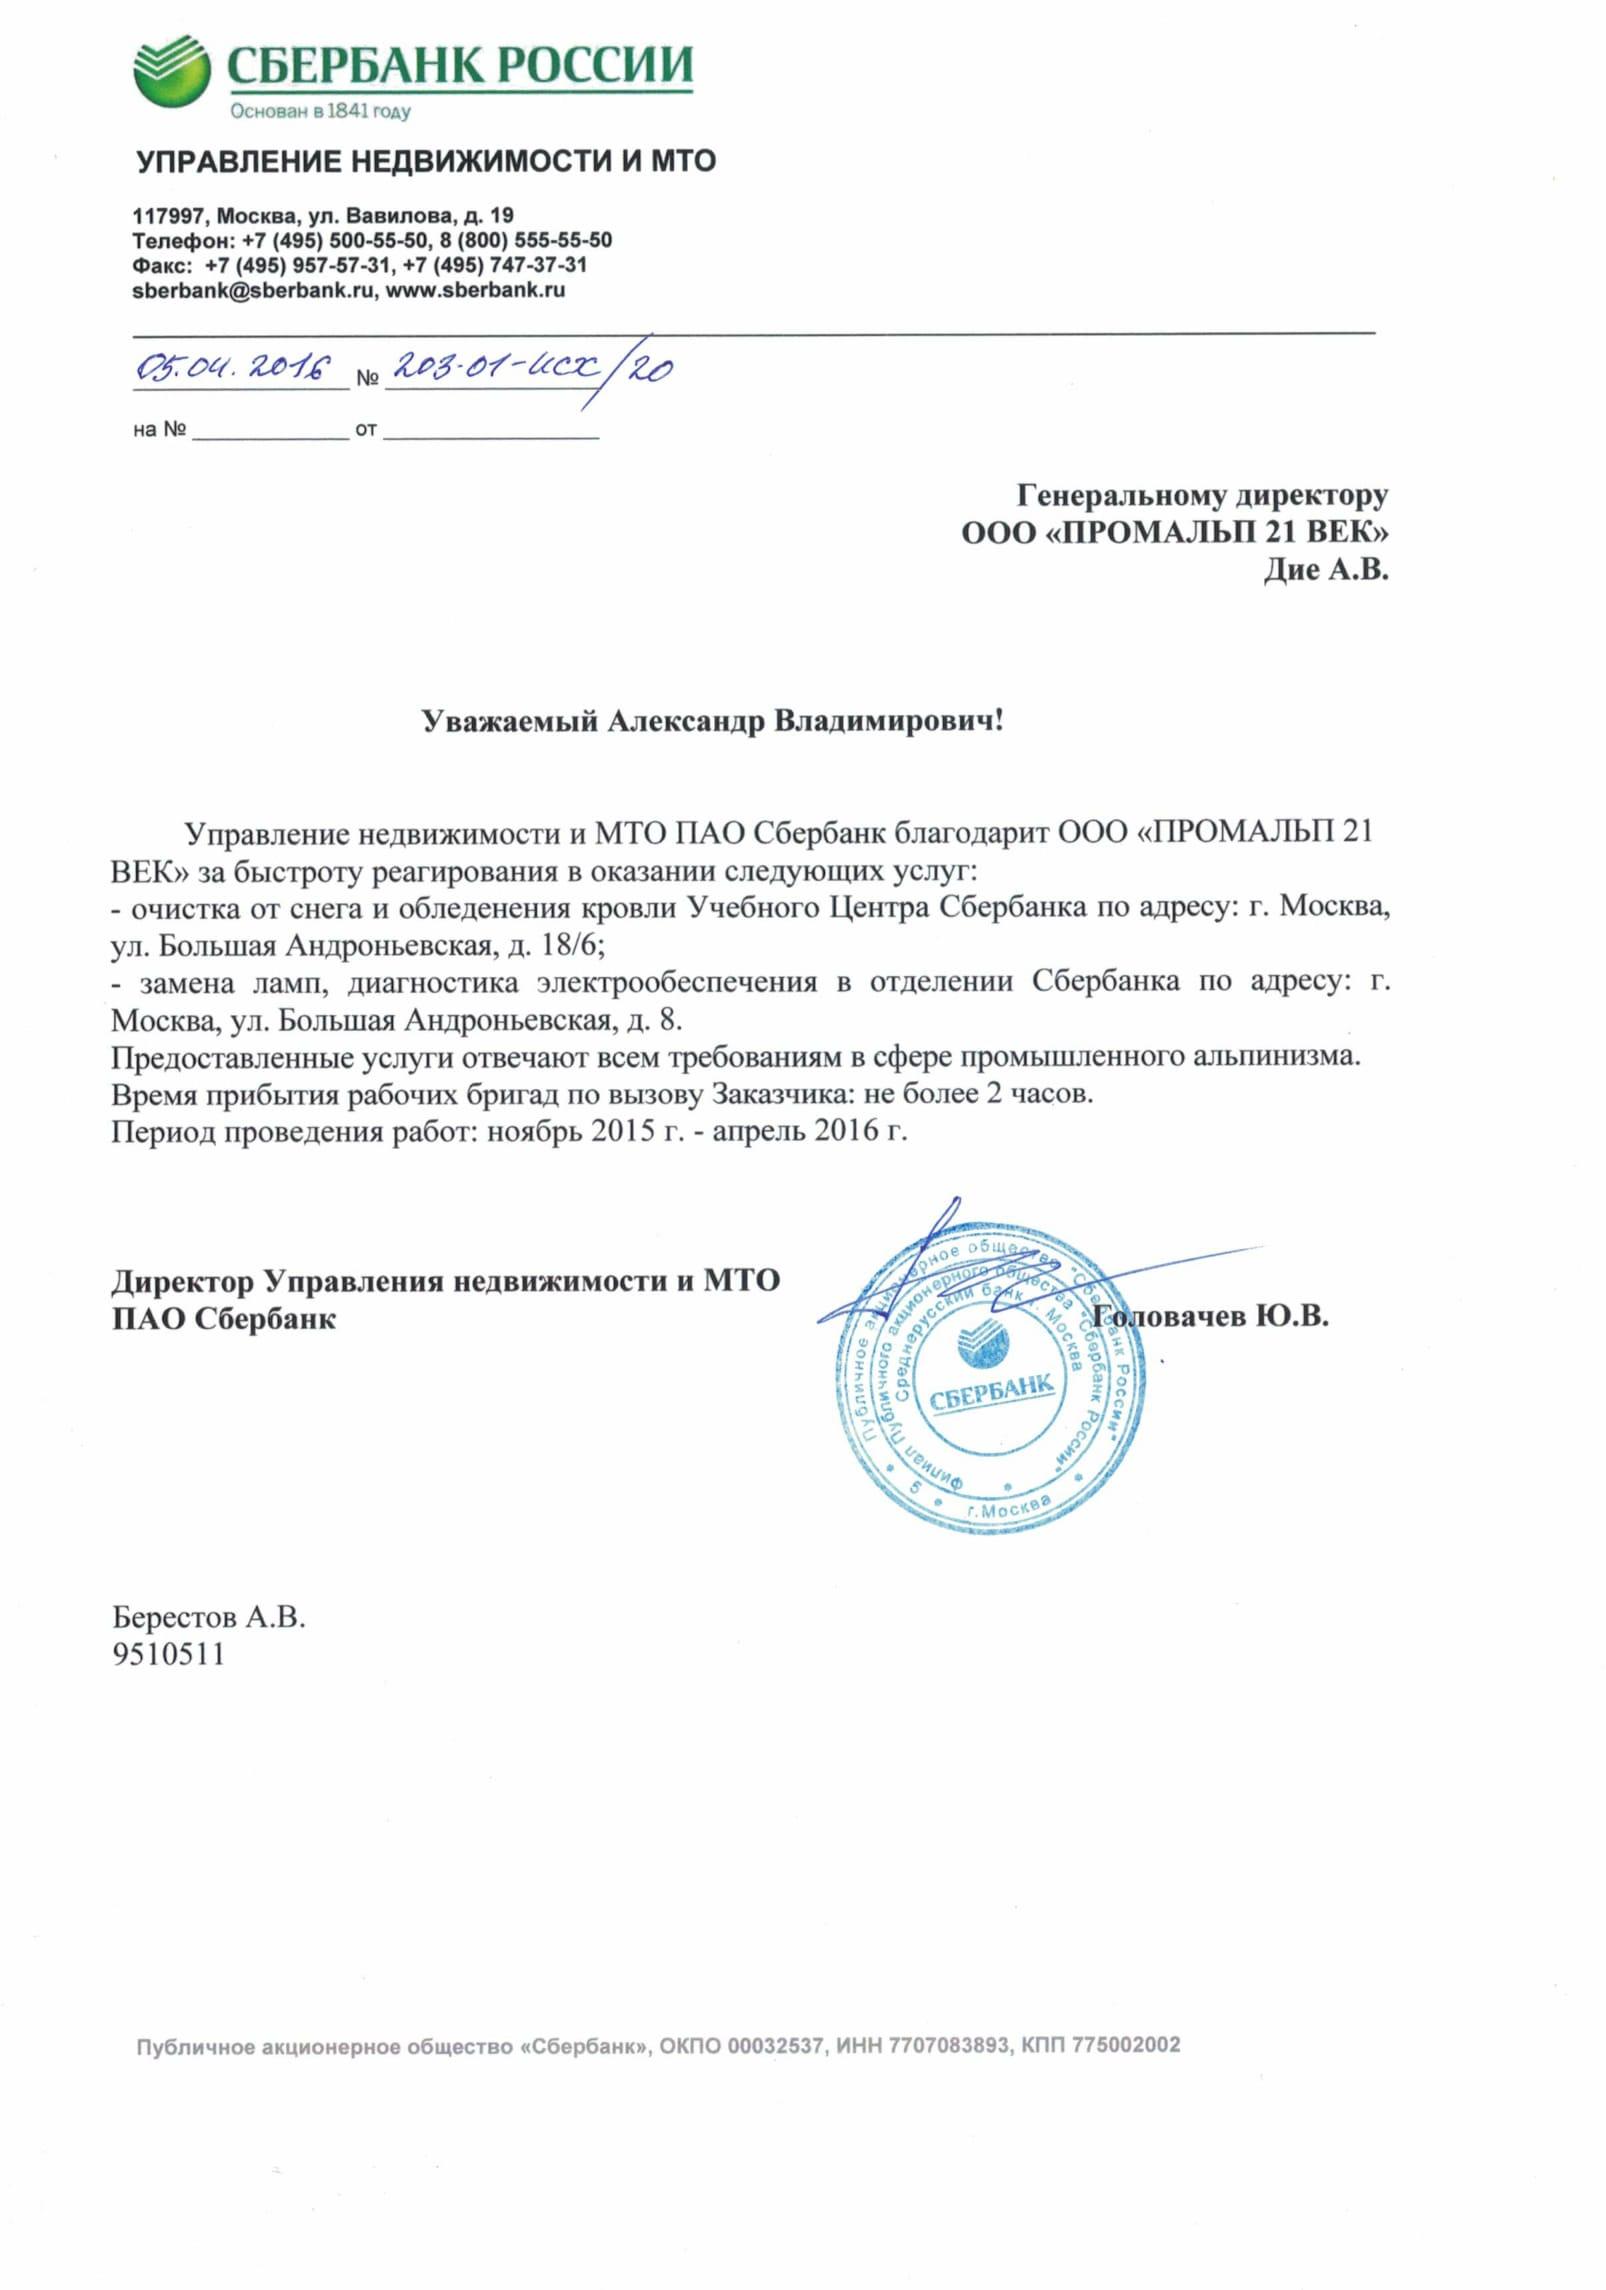 ПАО CБЕРБАНК – Отзыв о сотрудничестве